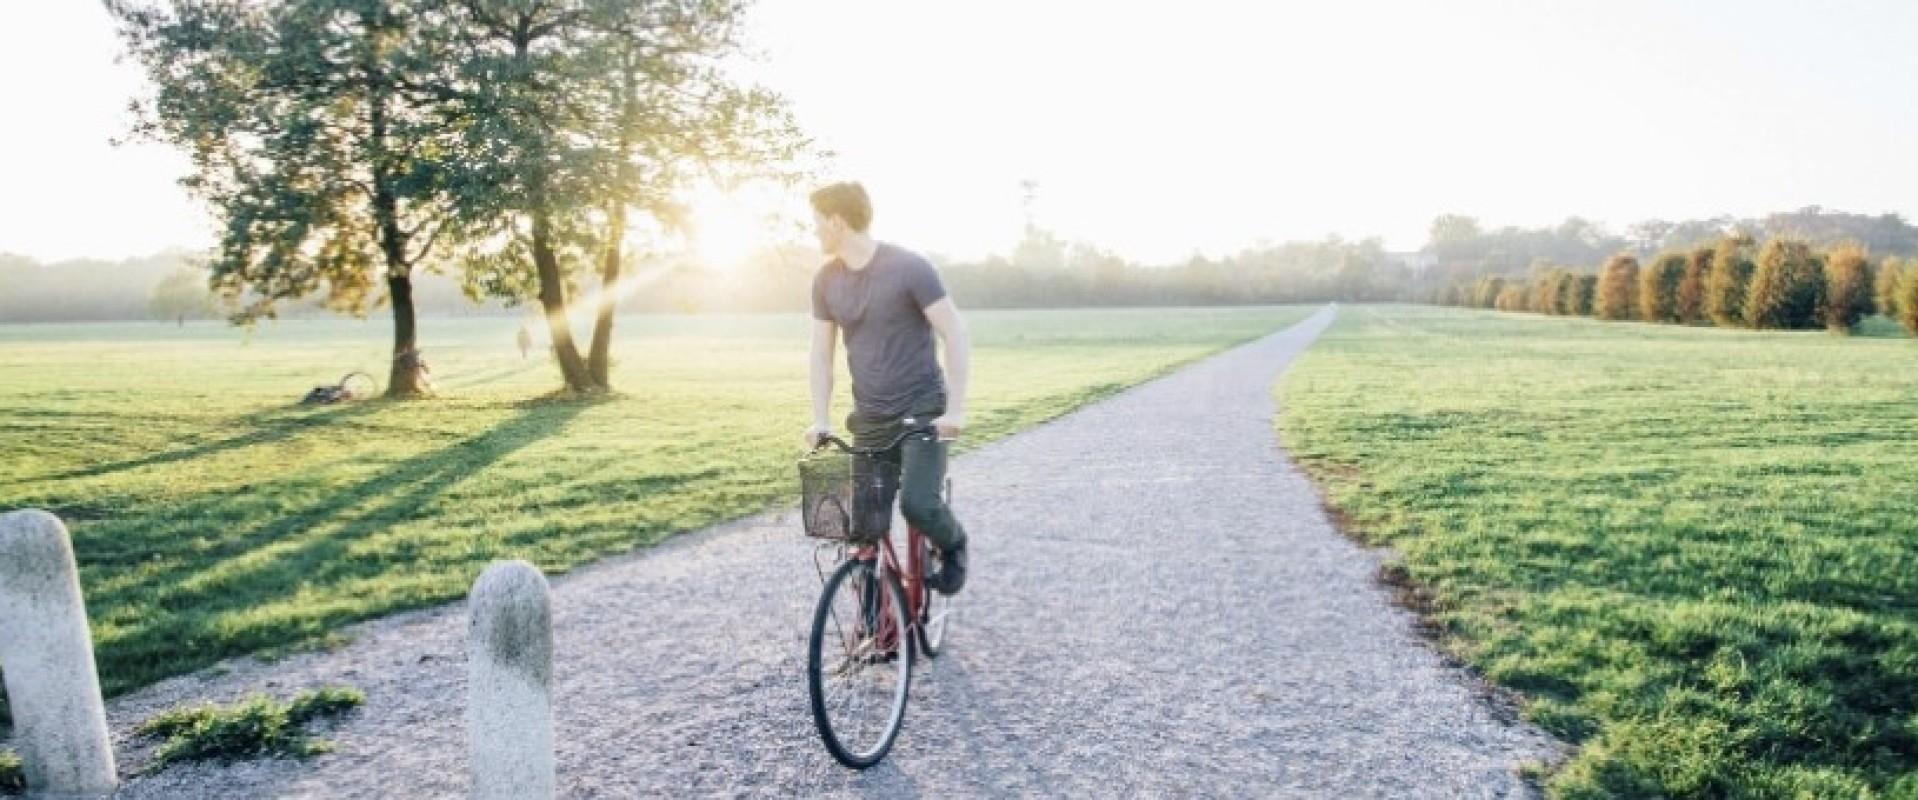 Op zoek naar een huis fietsten we langs de Langstraat in Milsbeek.